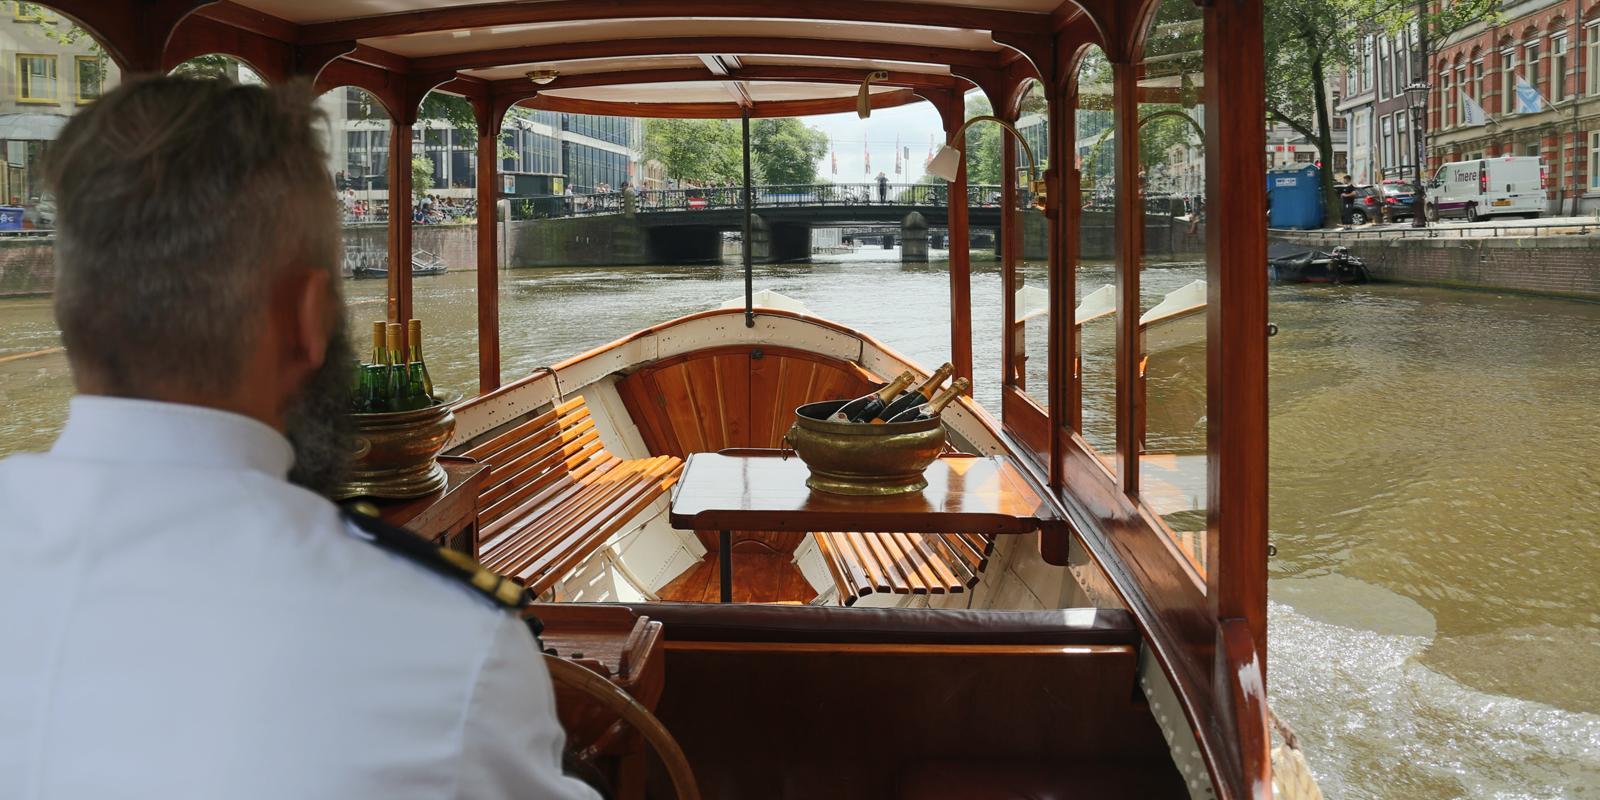 Farahilde Interior Private Boat Amsterdam